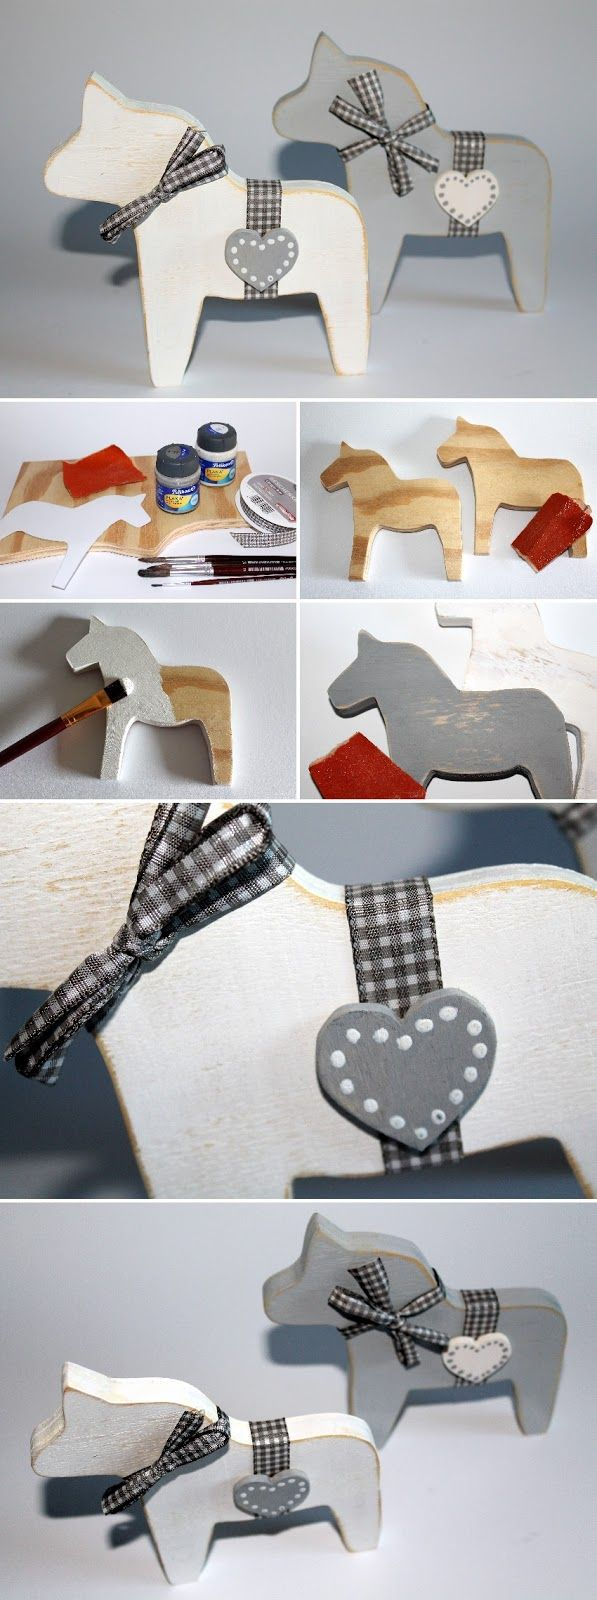 DIY Dalapferd aus Holz (Laubsägearbeit) + Aneitung: DIY, Basteln, Selbermachen, Laubsäge, Laubsägearbeit, Holzsäge, Holzsägearbeit, Dekupiersäge, Deko, Dekoration, Dekorationisee, grau und weiß, Geschenk, Geschenkidee, Shabby Chic, Vintage, Antik, arbeiten mit Holz....